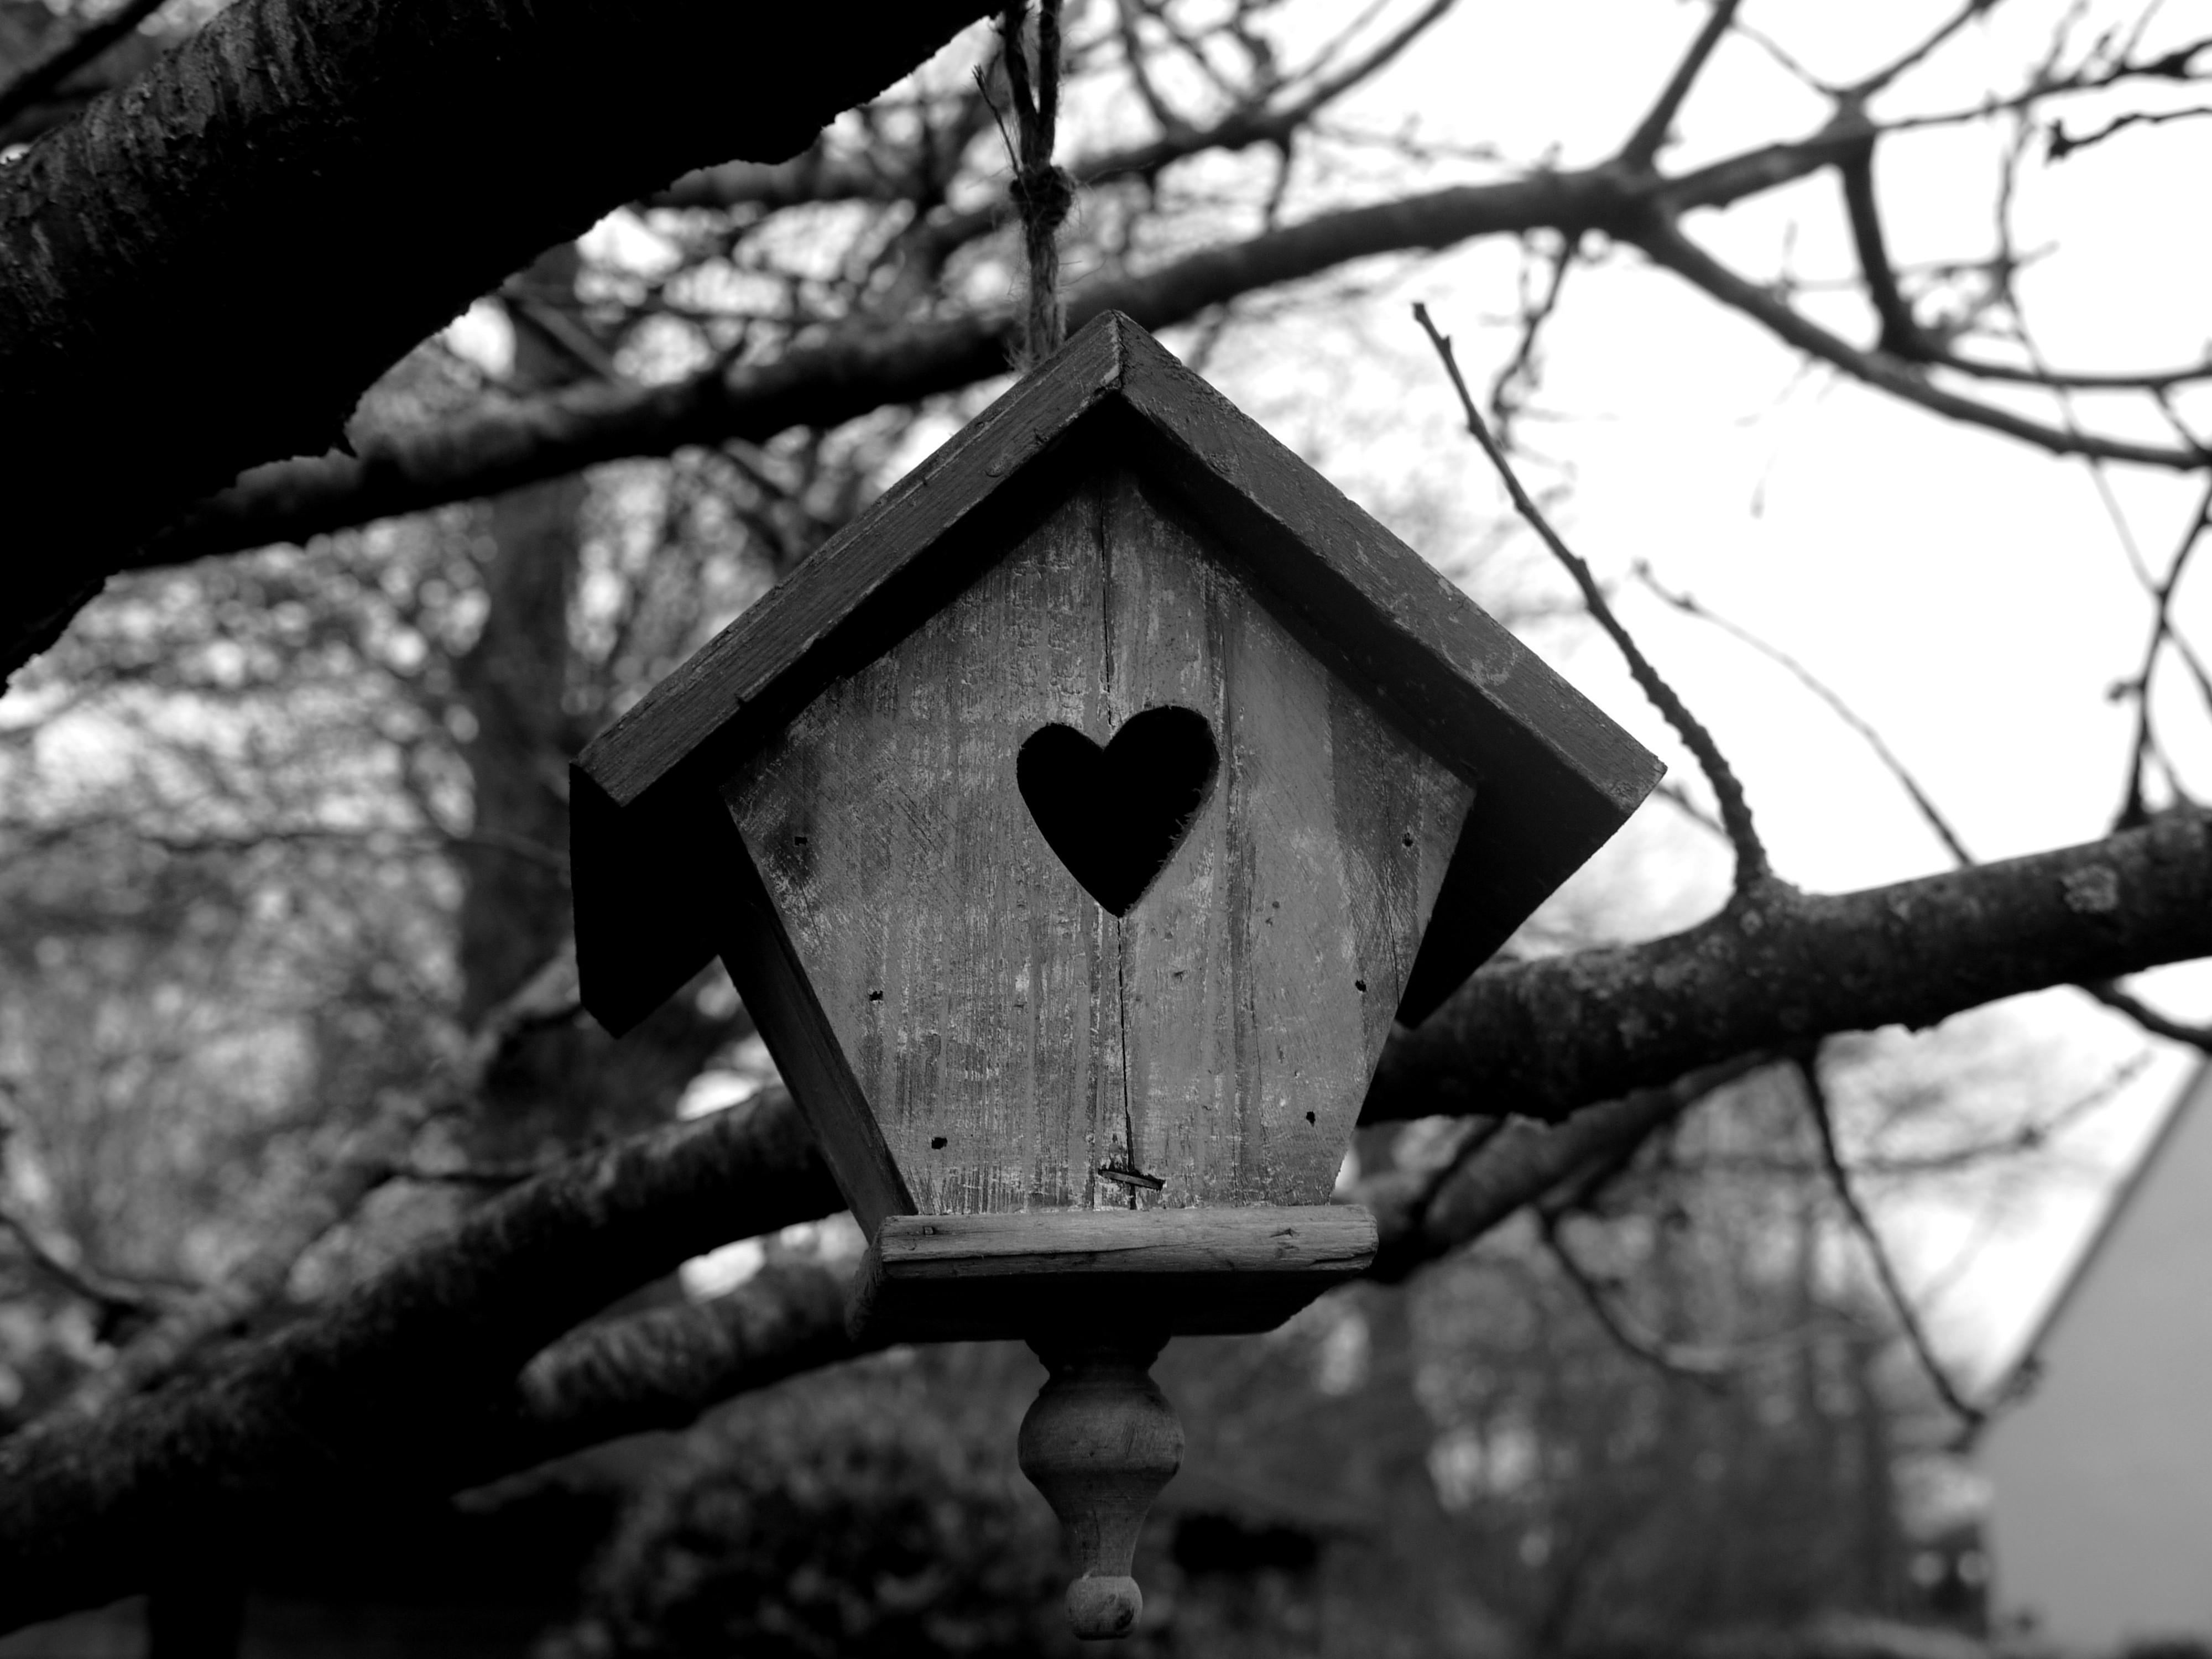 Bird house 4000x3000